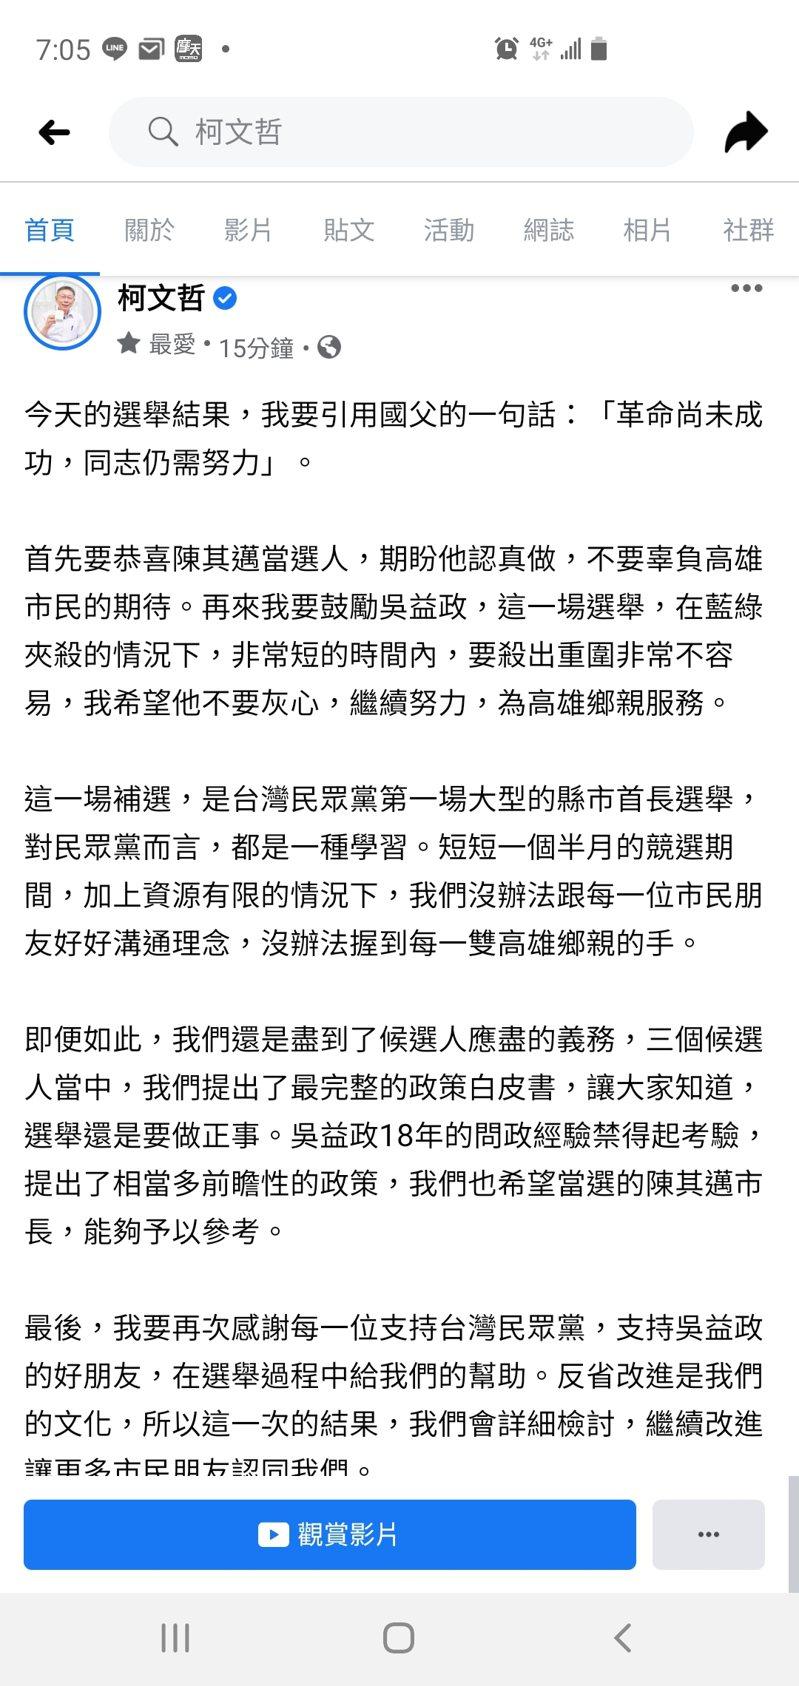 高雄市長選舉結果出爐,台北市長柯文哲今在臉書引用國父的一句話:「革命尚未成功,同志仍需努力」。圖/取自柯文哲臉書。